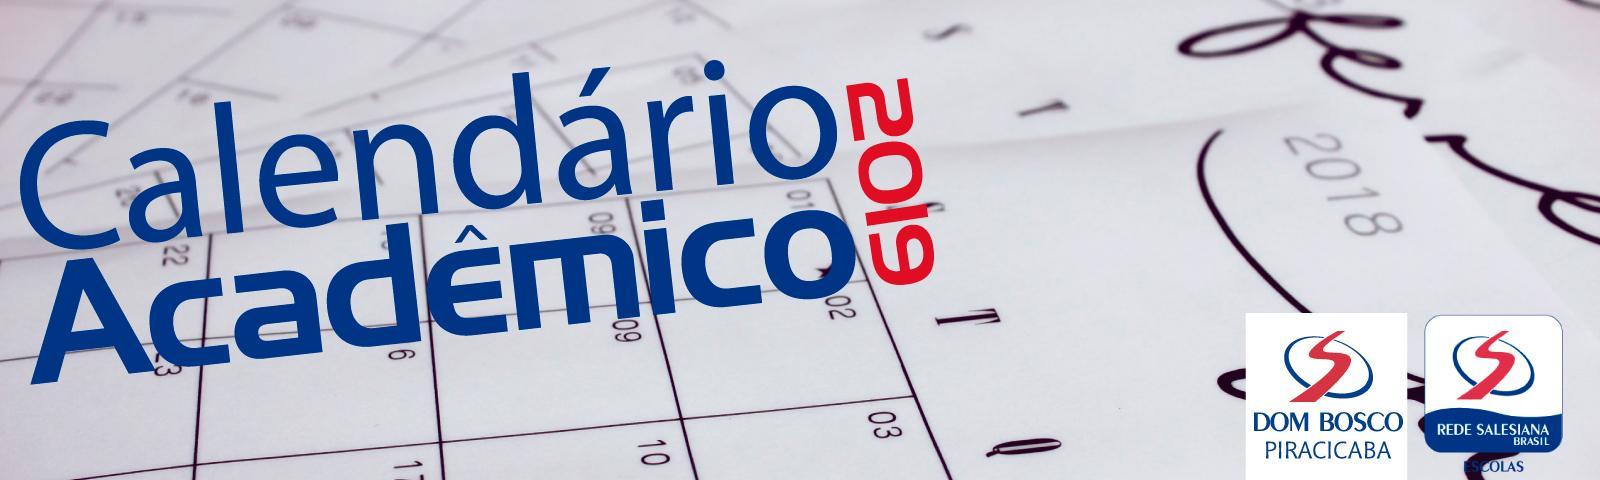 images/2019/02/104-fullhd-calendario-academico-2019-1549021908.jpg